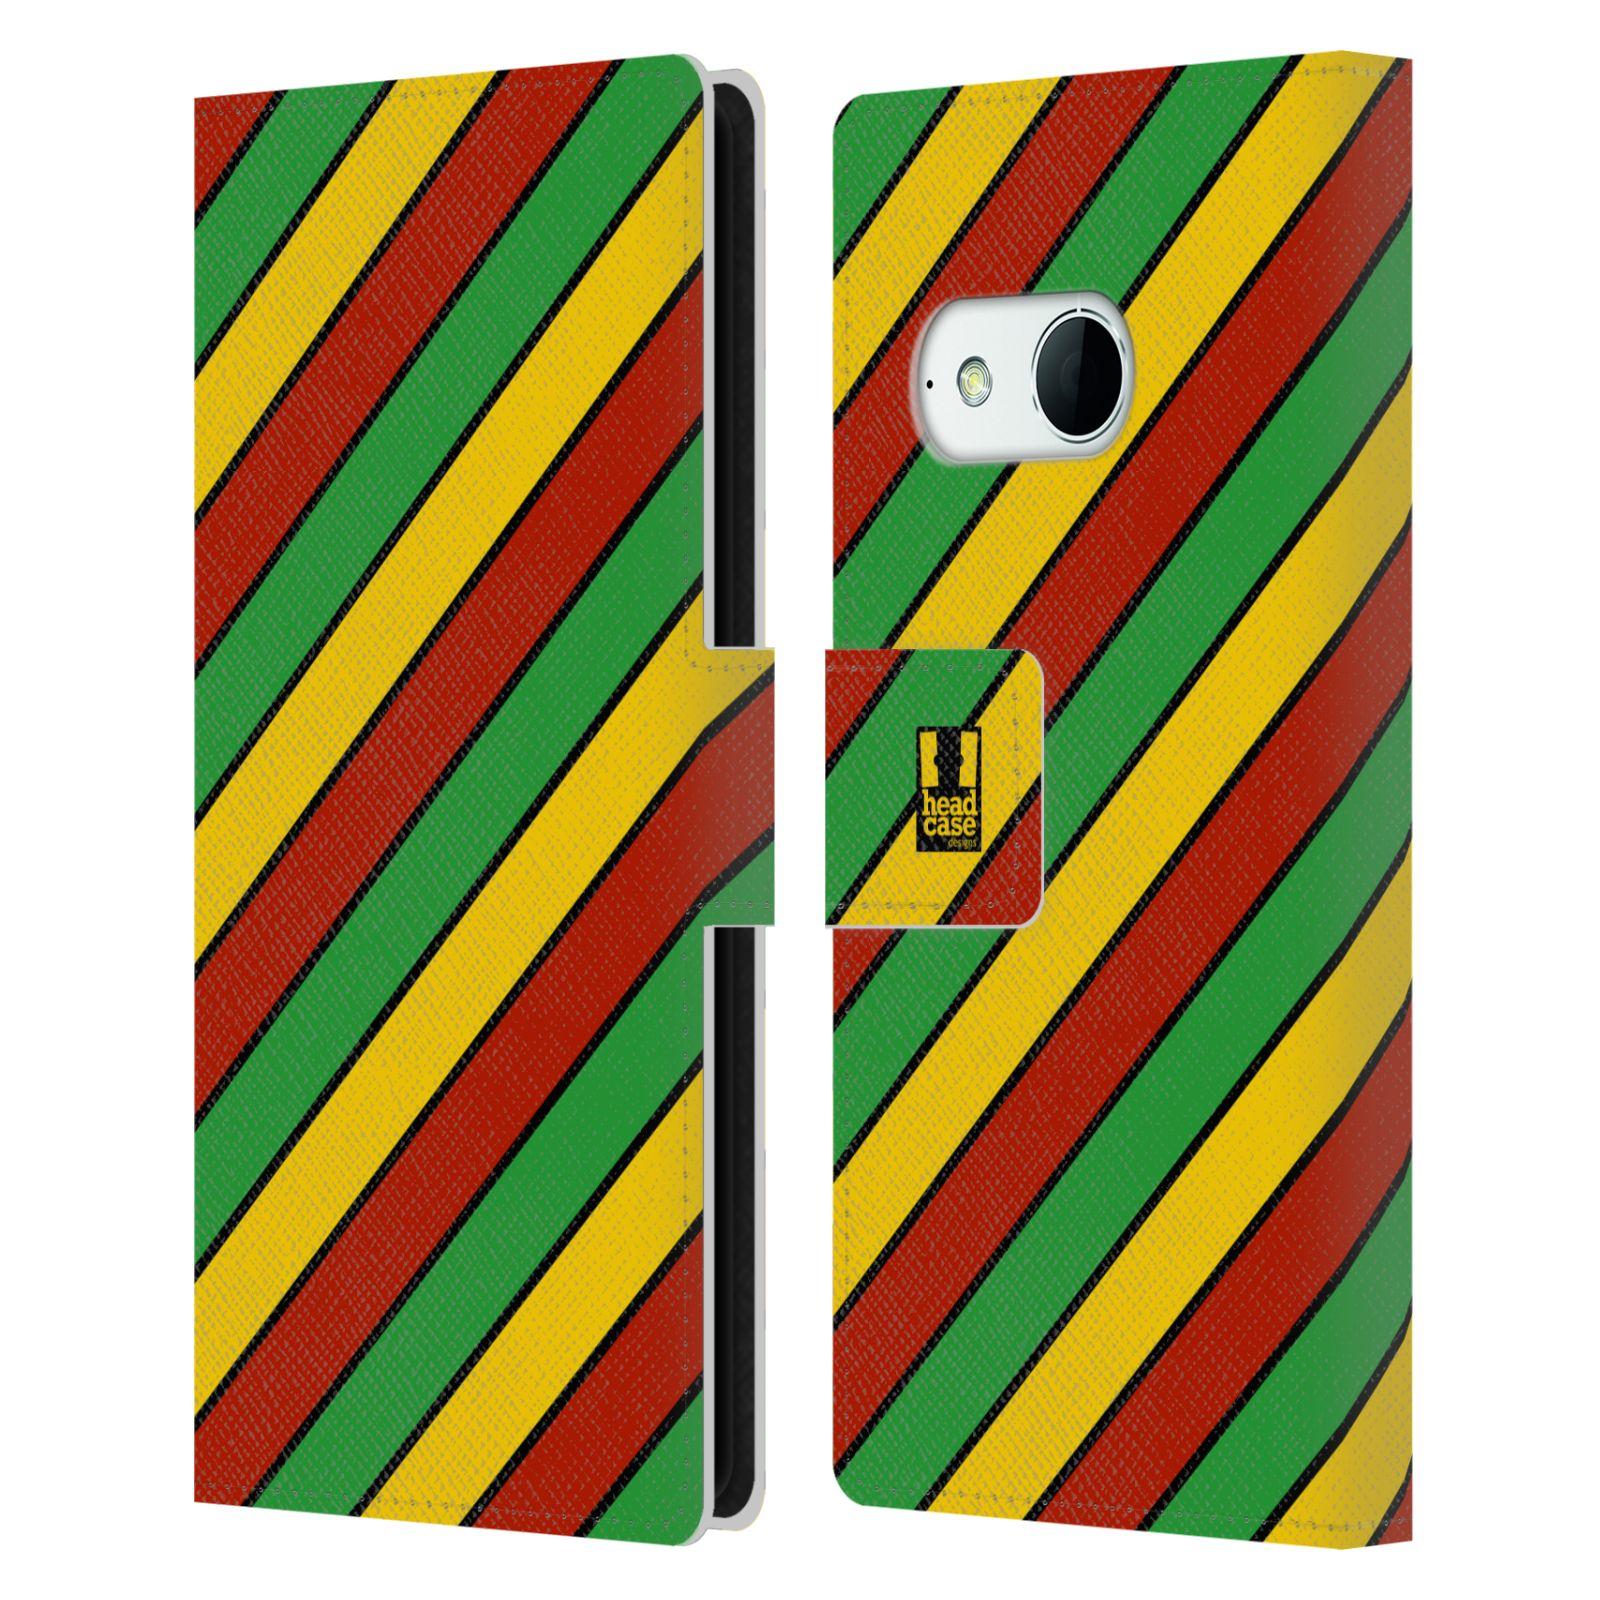 HEAD CASE Flipové pouzdro pro mobil HTC ONE MINI 2 (M8) Rastafariánský motiv Jamajka diagonální pruhy